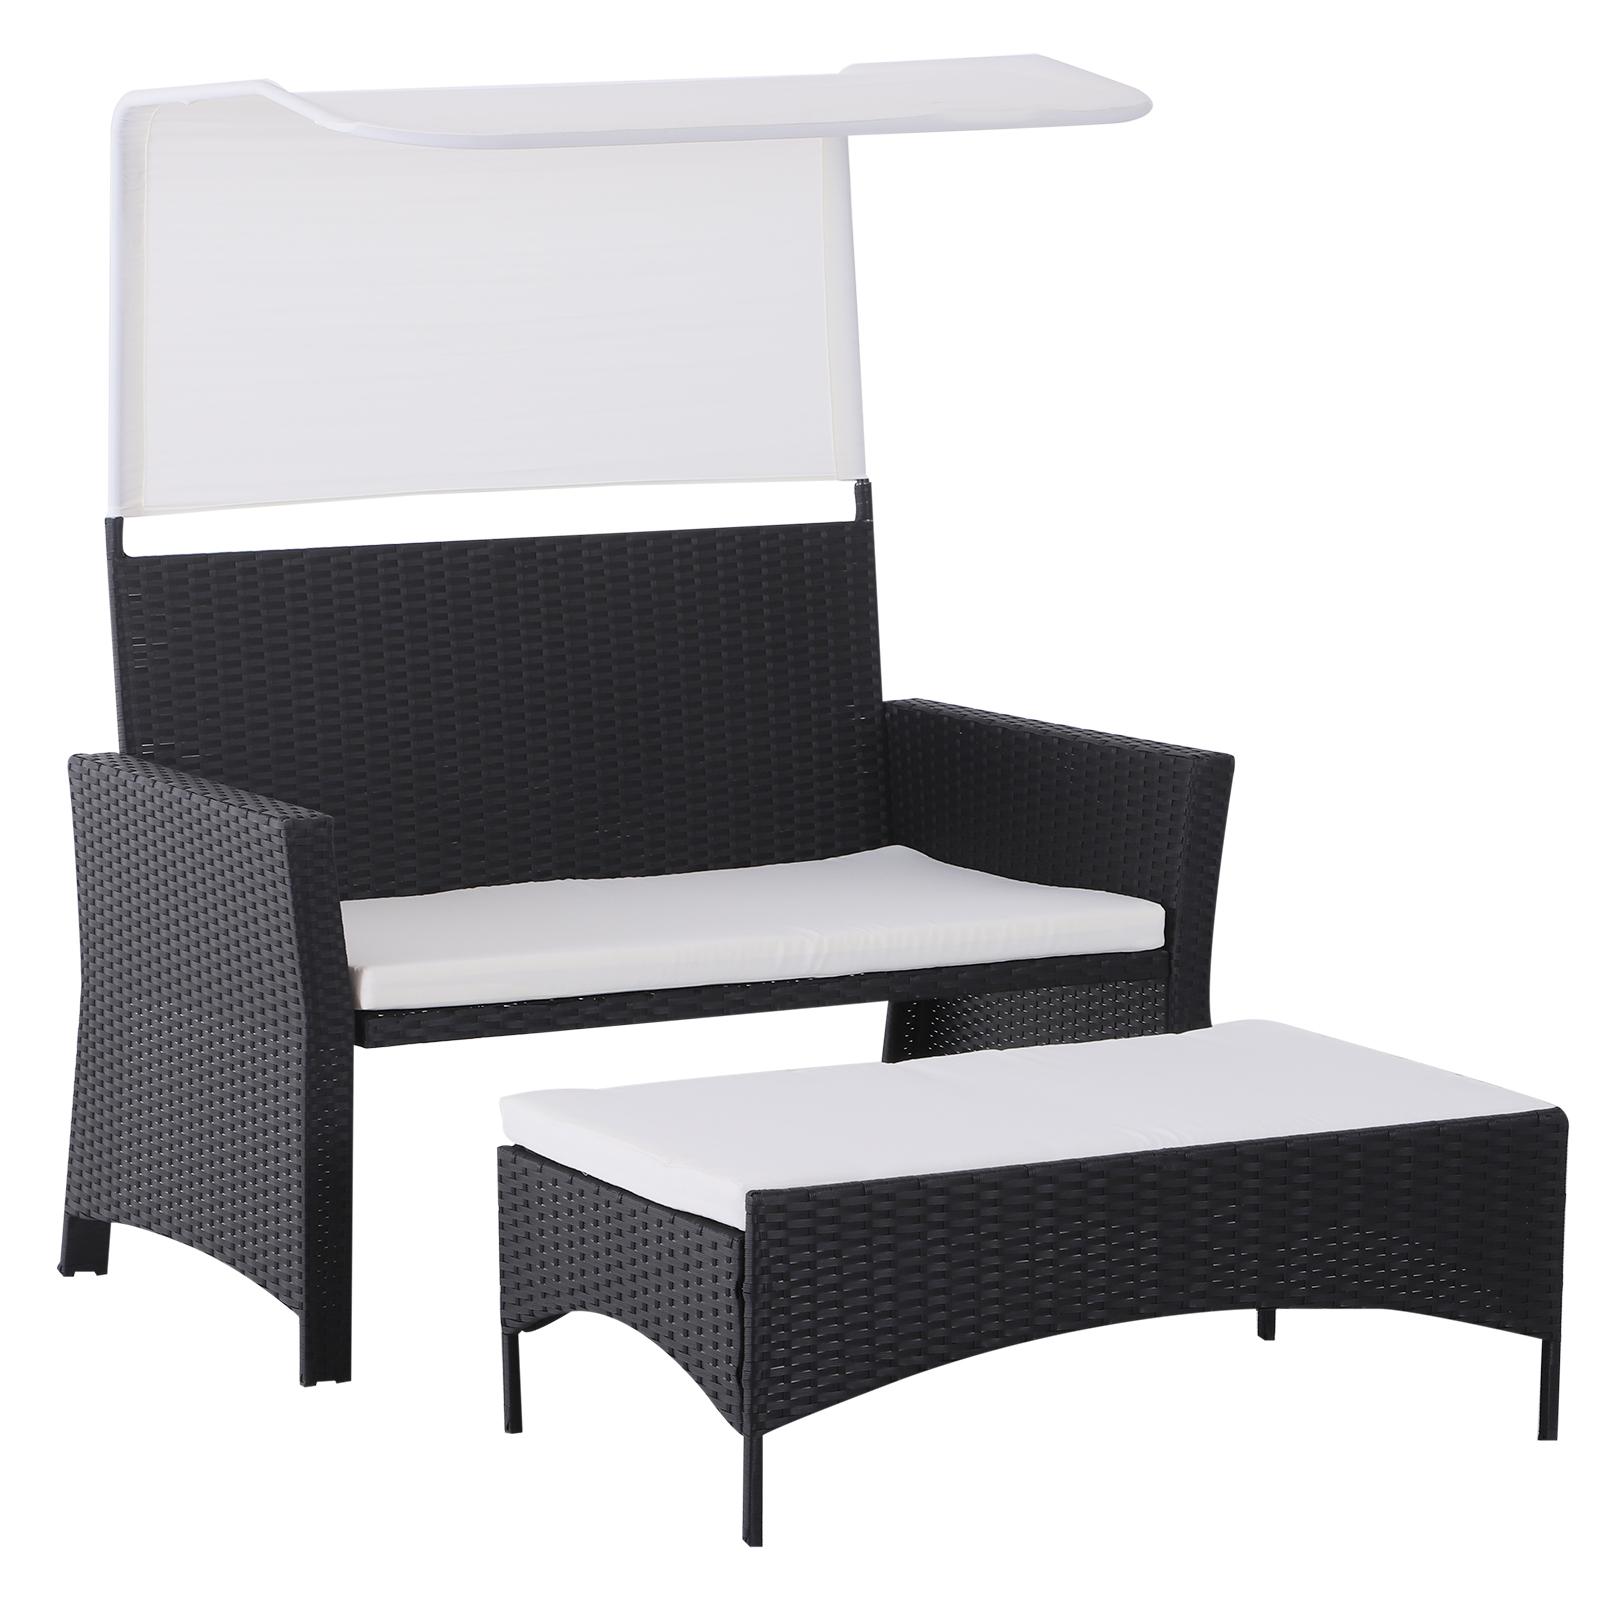 Sofa-de-Ratan-Dos-Plazas-Sillon-Mueble-Jardin-Terraza-con-Reposapies-Toldo-Cojin miniatura 23